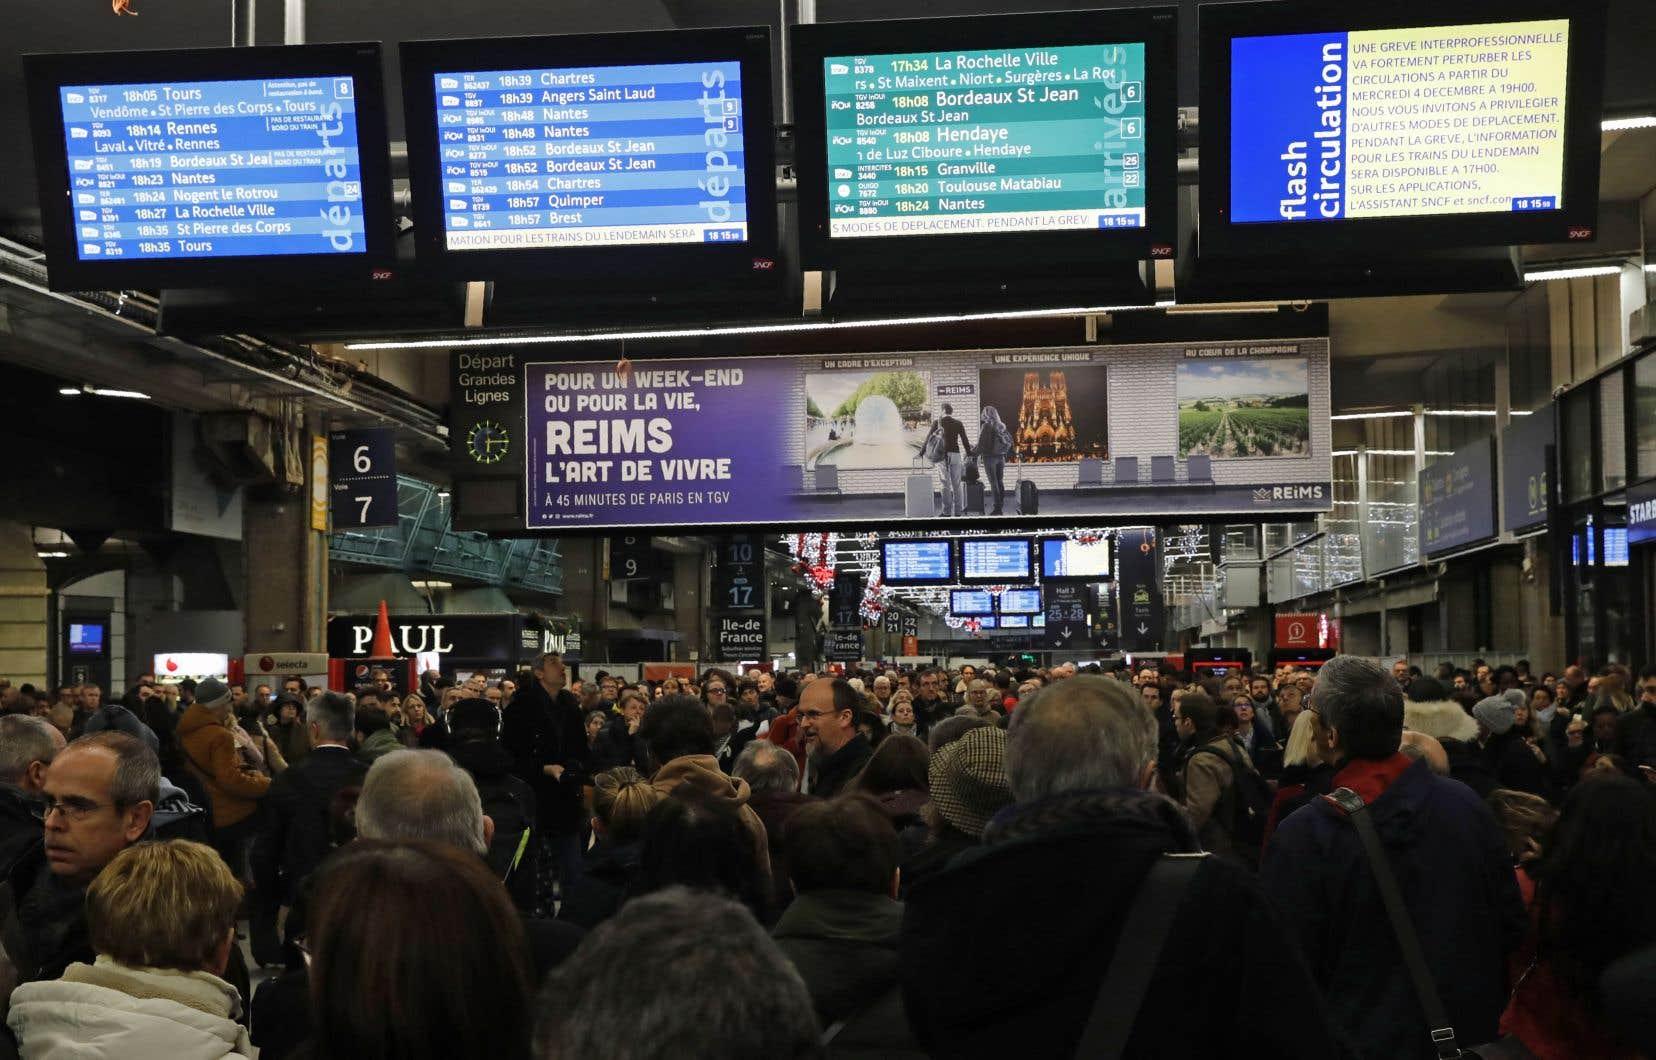 La gare Montparnasse à Paris, à la veille de la grande grève qui paralysera les transports ce jeudi.